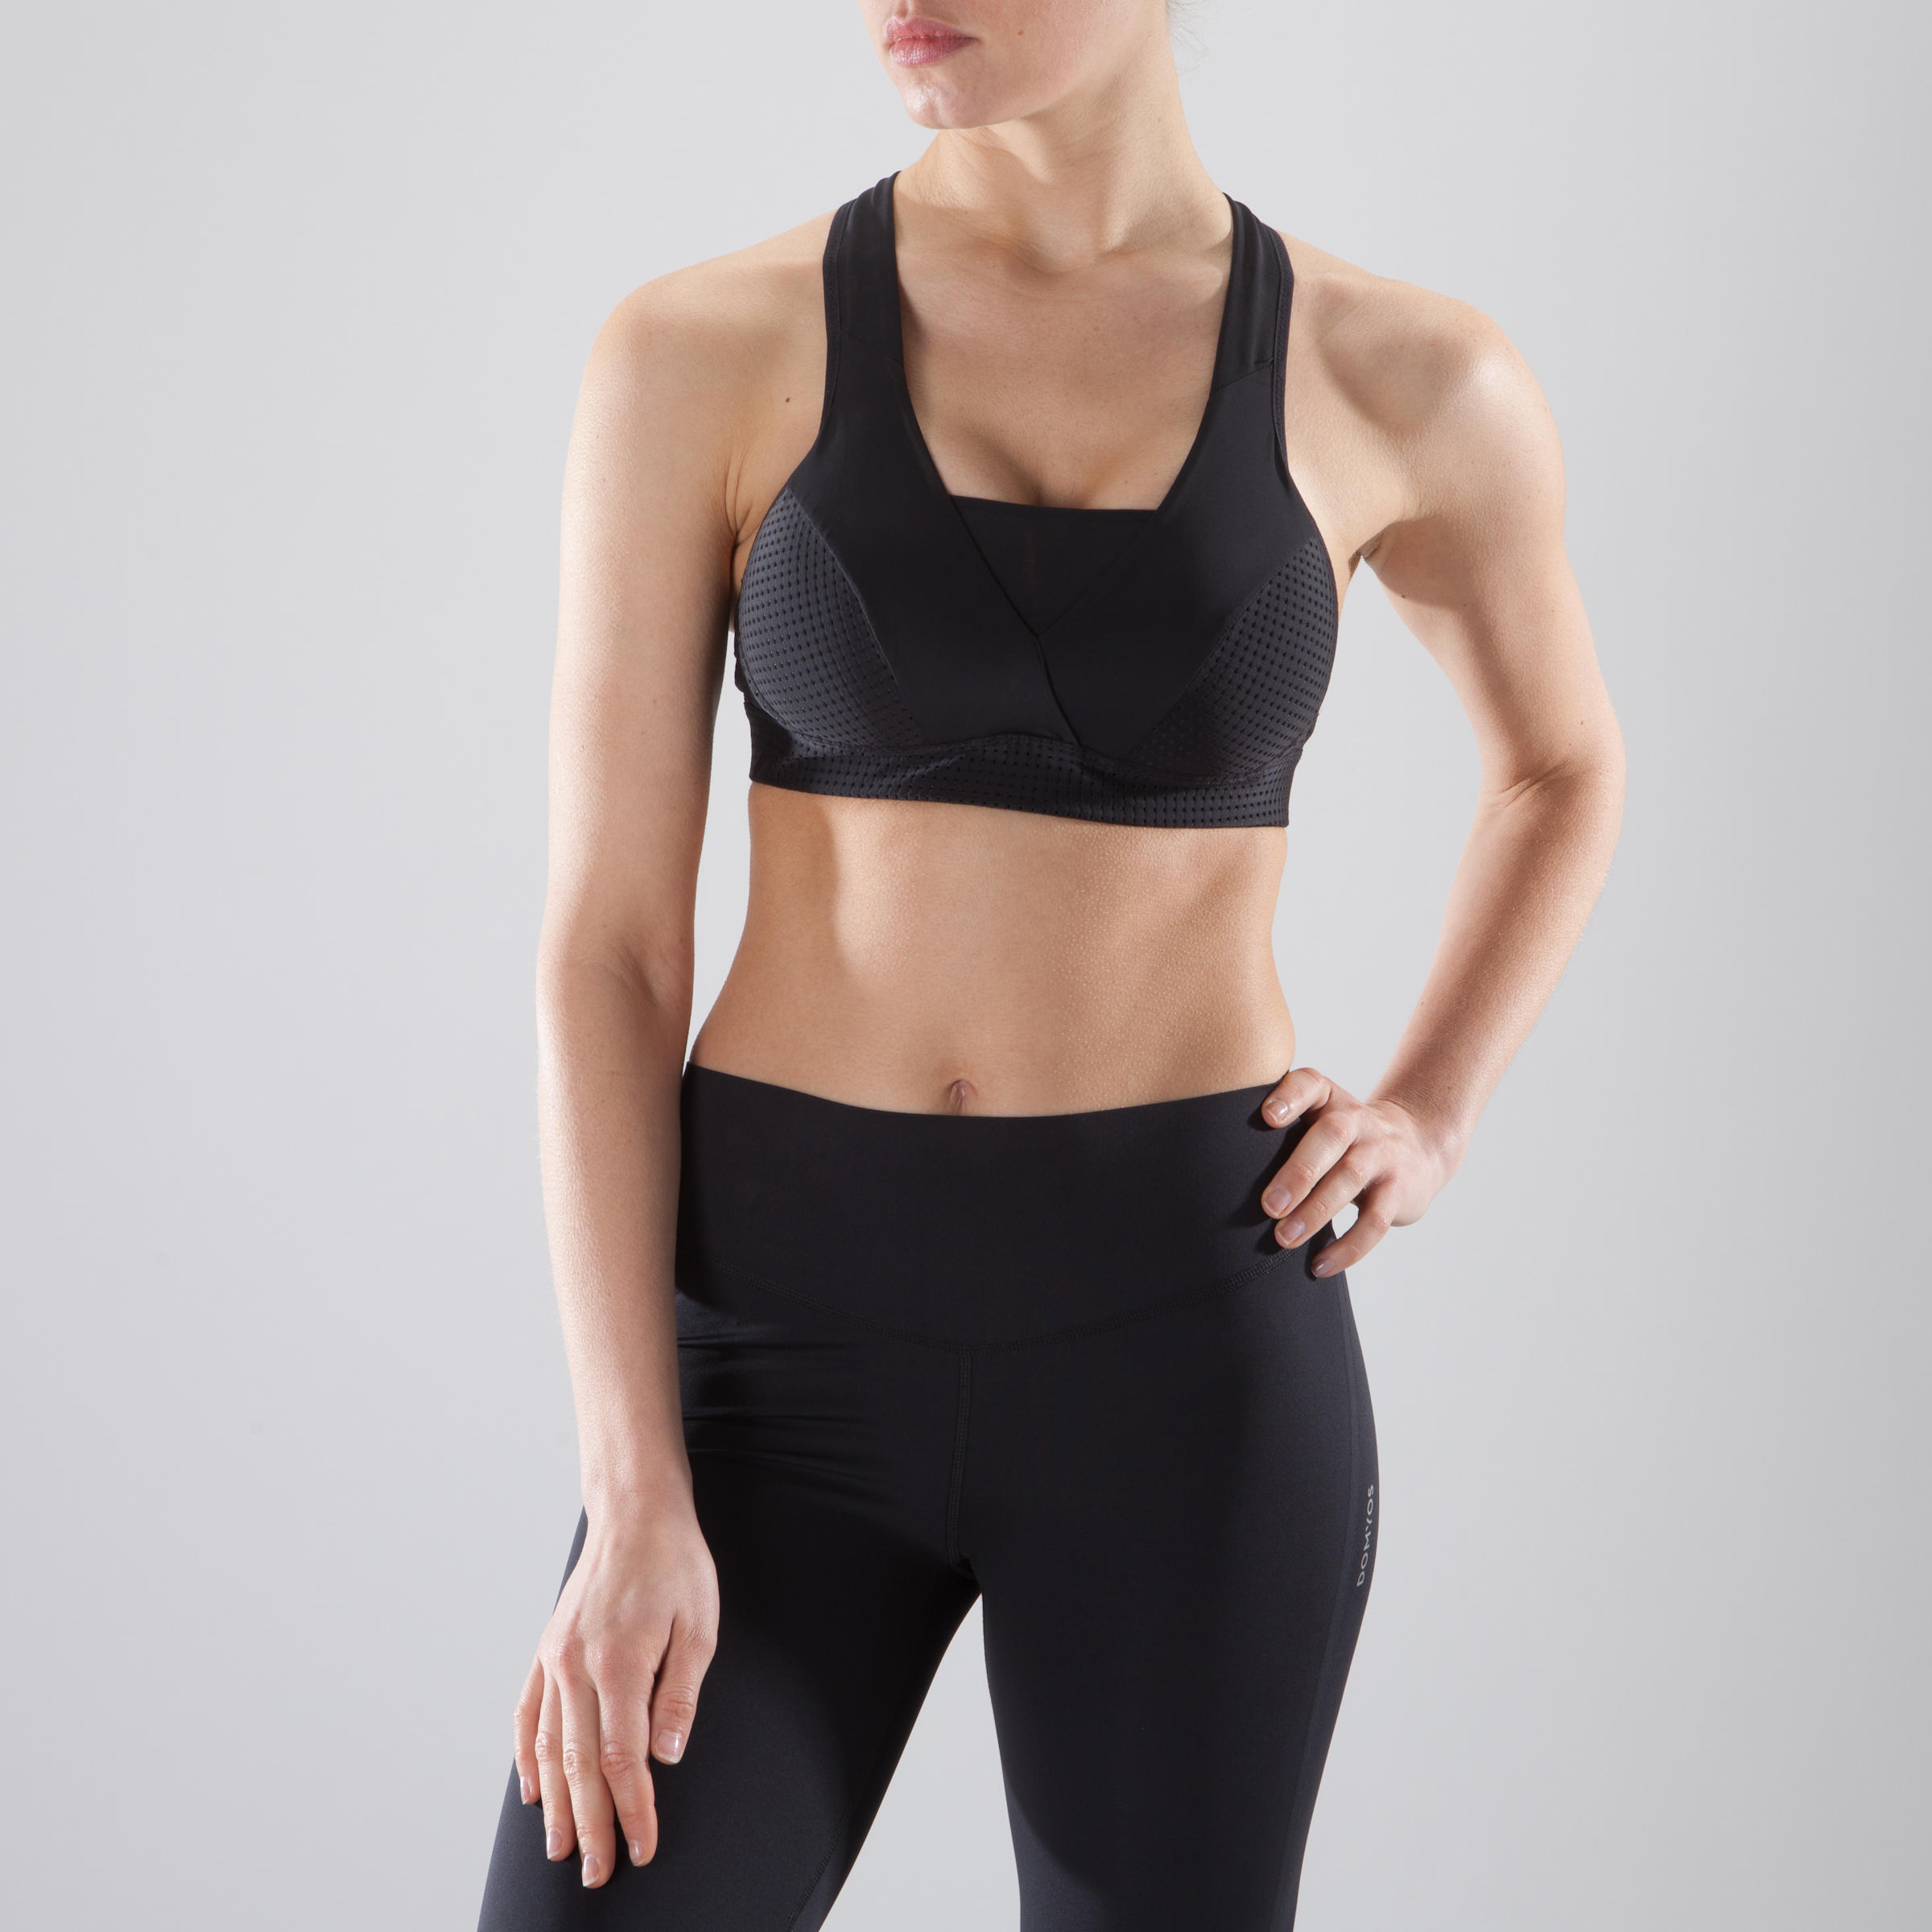 900 Women's Cardio Fitness Sports Bra - Black